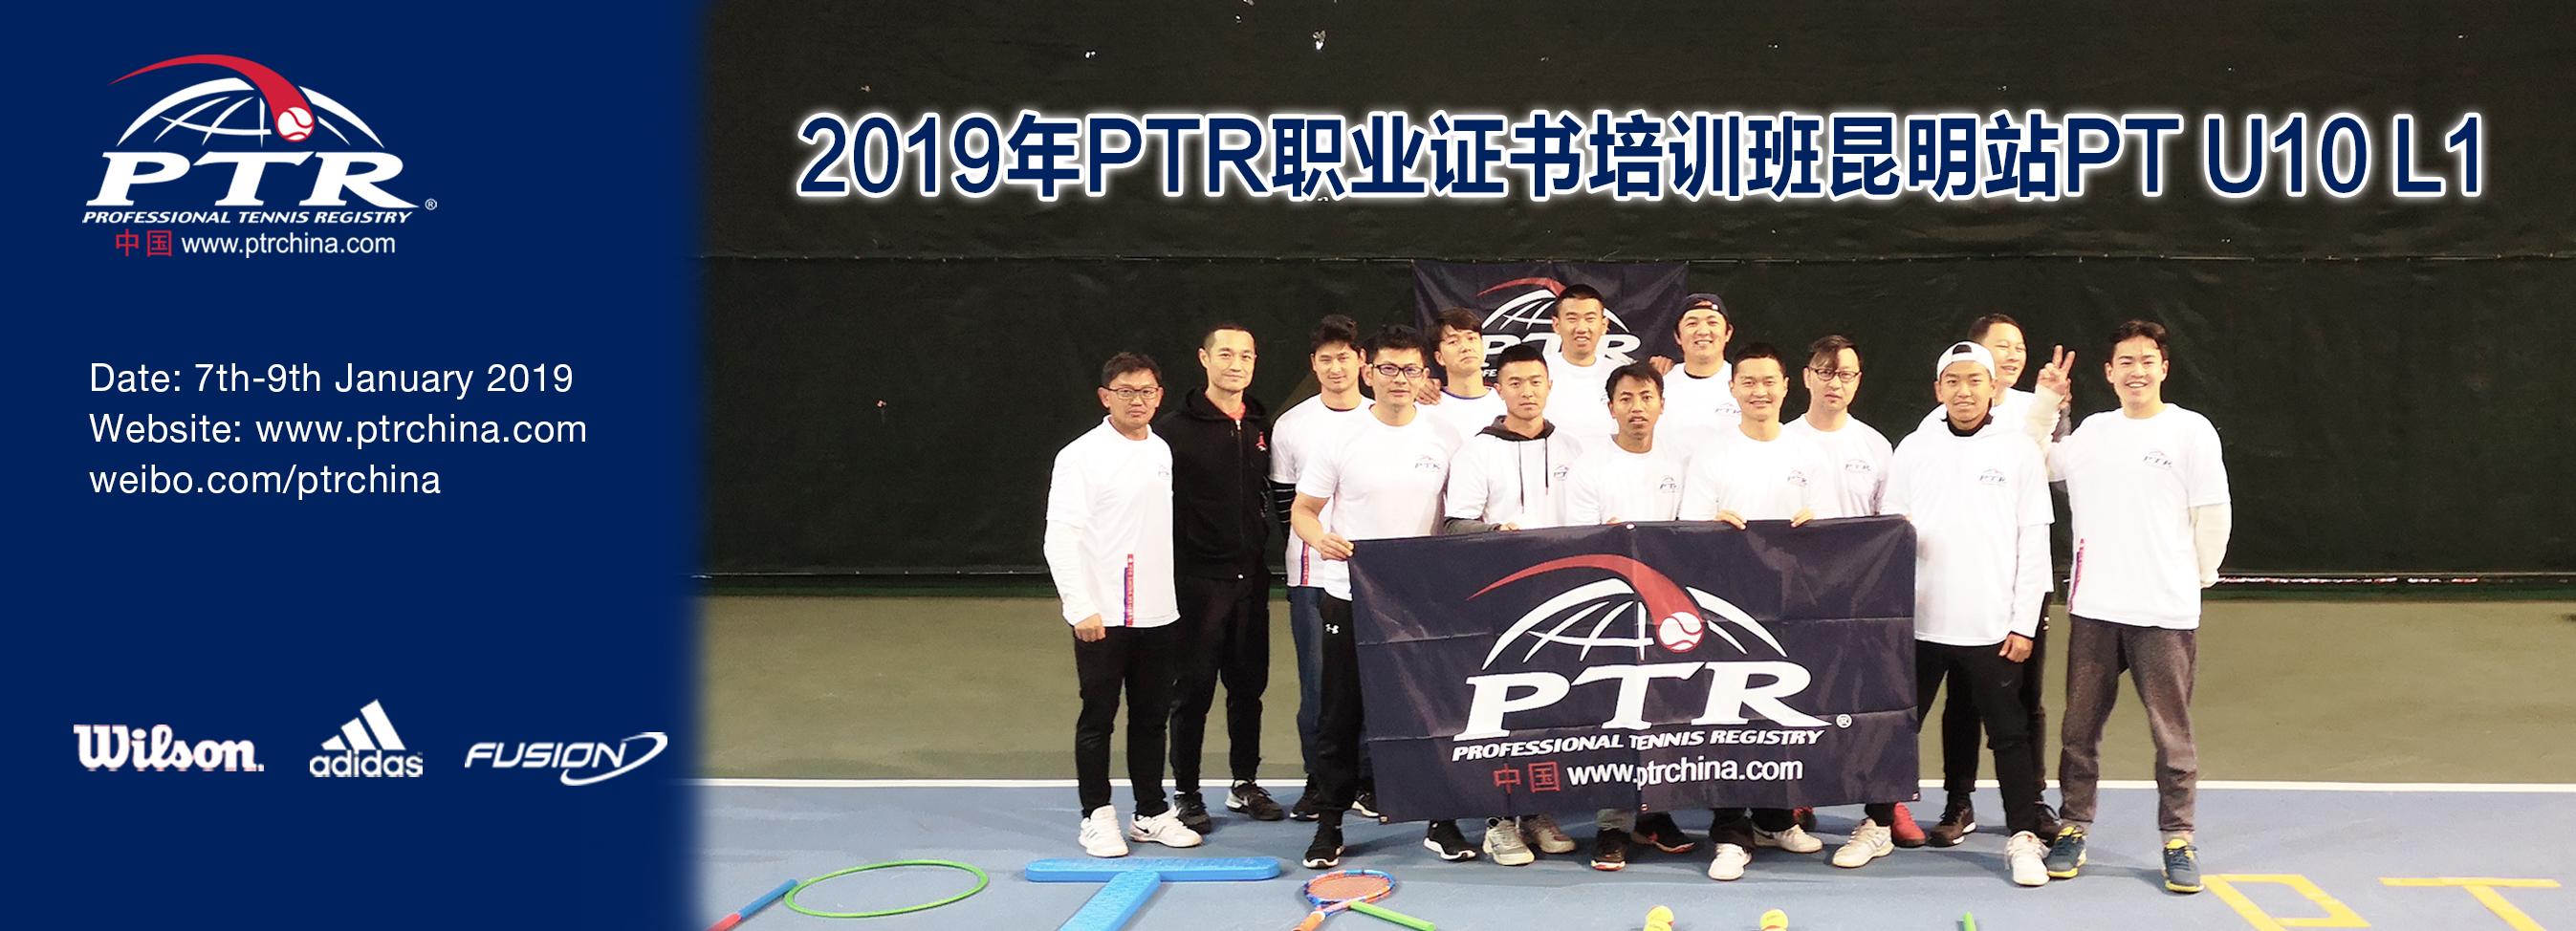 2019 PTR PT U10 L1青少年网球体能师培训昆明站圆满结业!